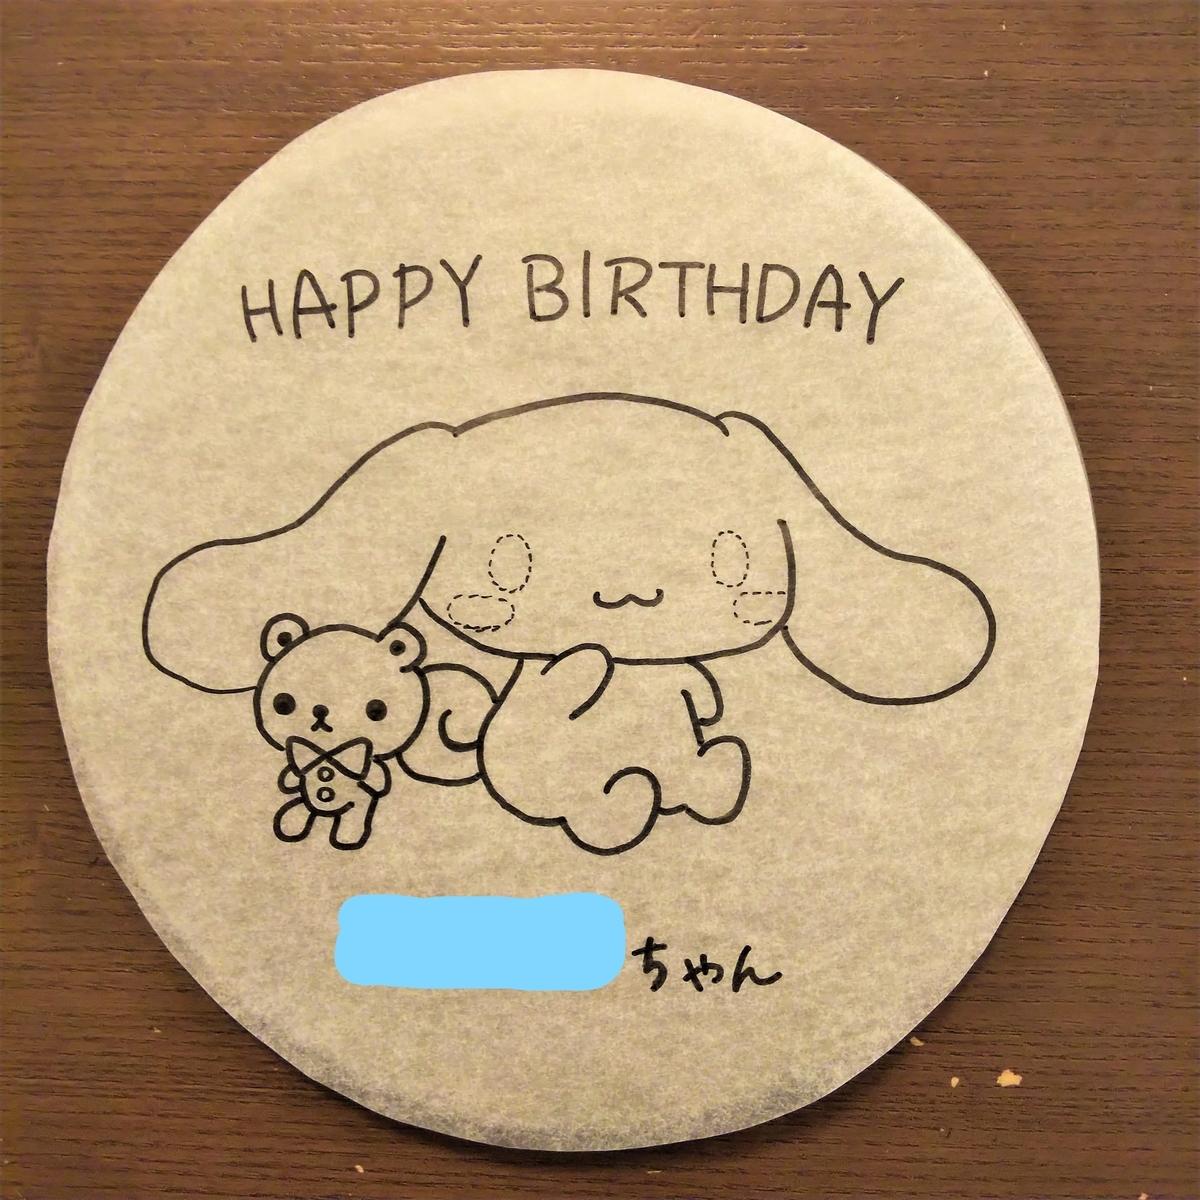 キャラケーキを作ってみた① 下絵を描く